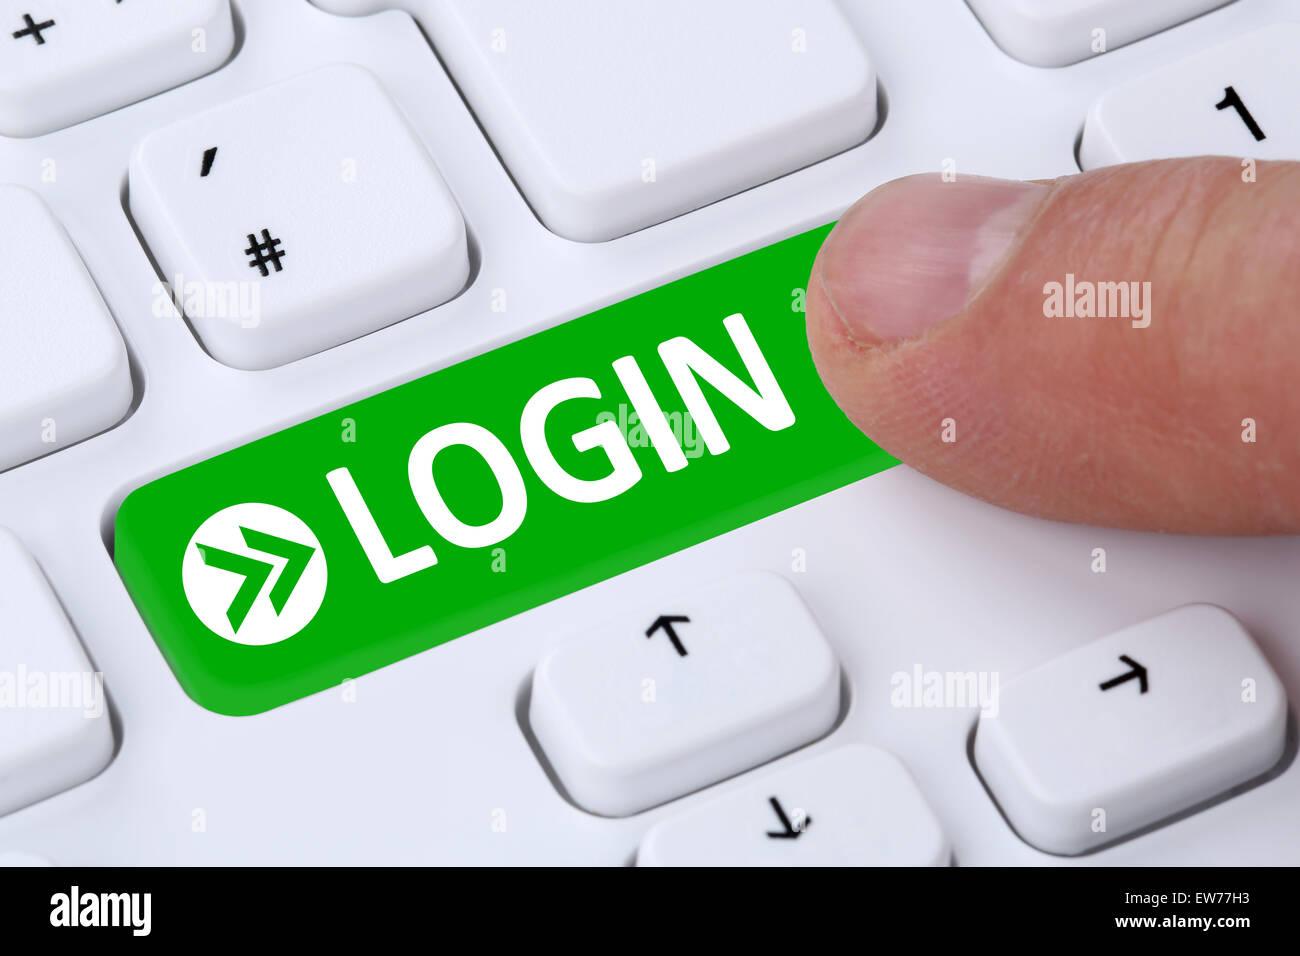 Pulsar botón Submit Login con contraseña en el equipo Imagen De Stock